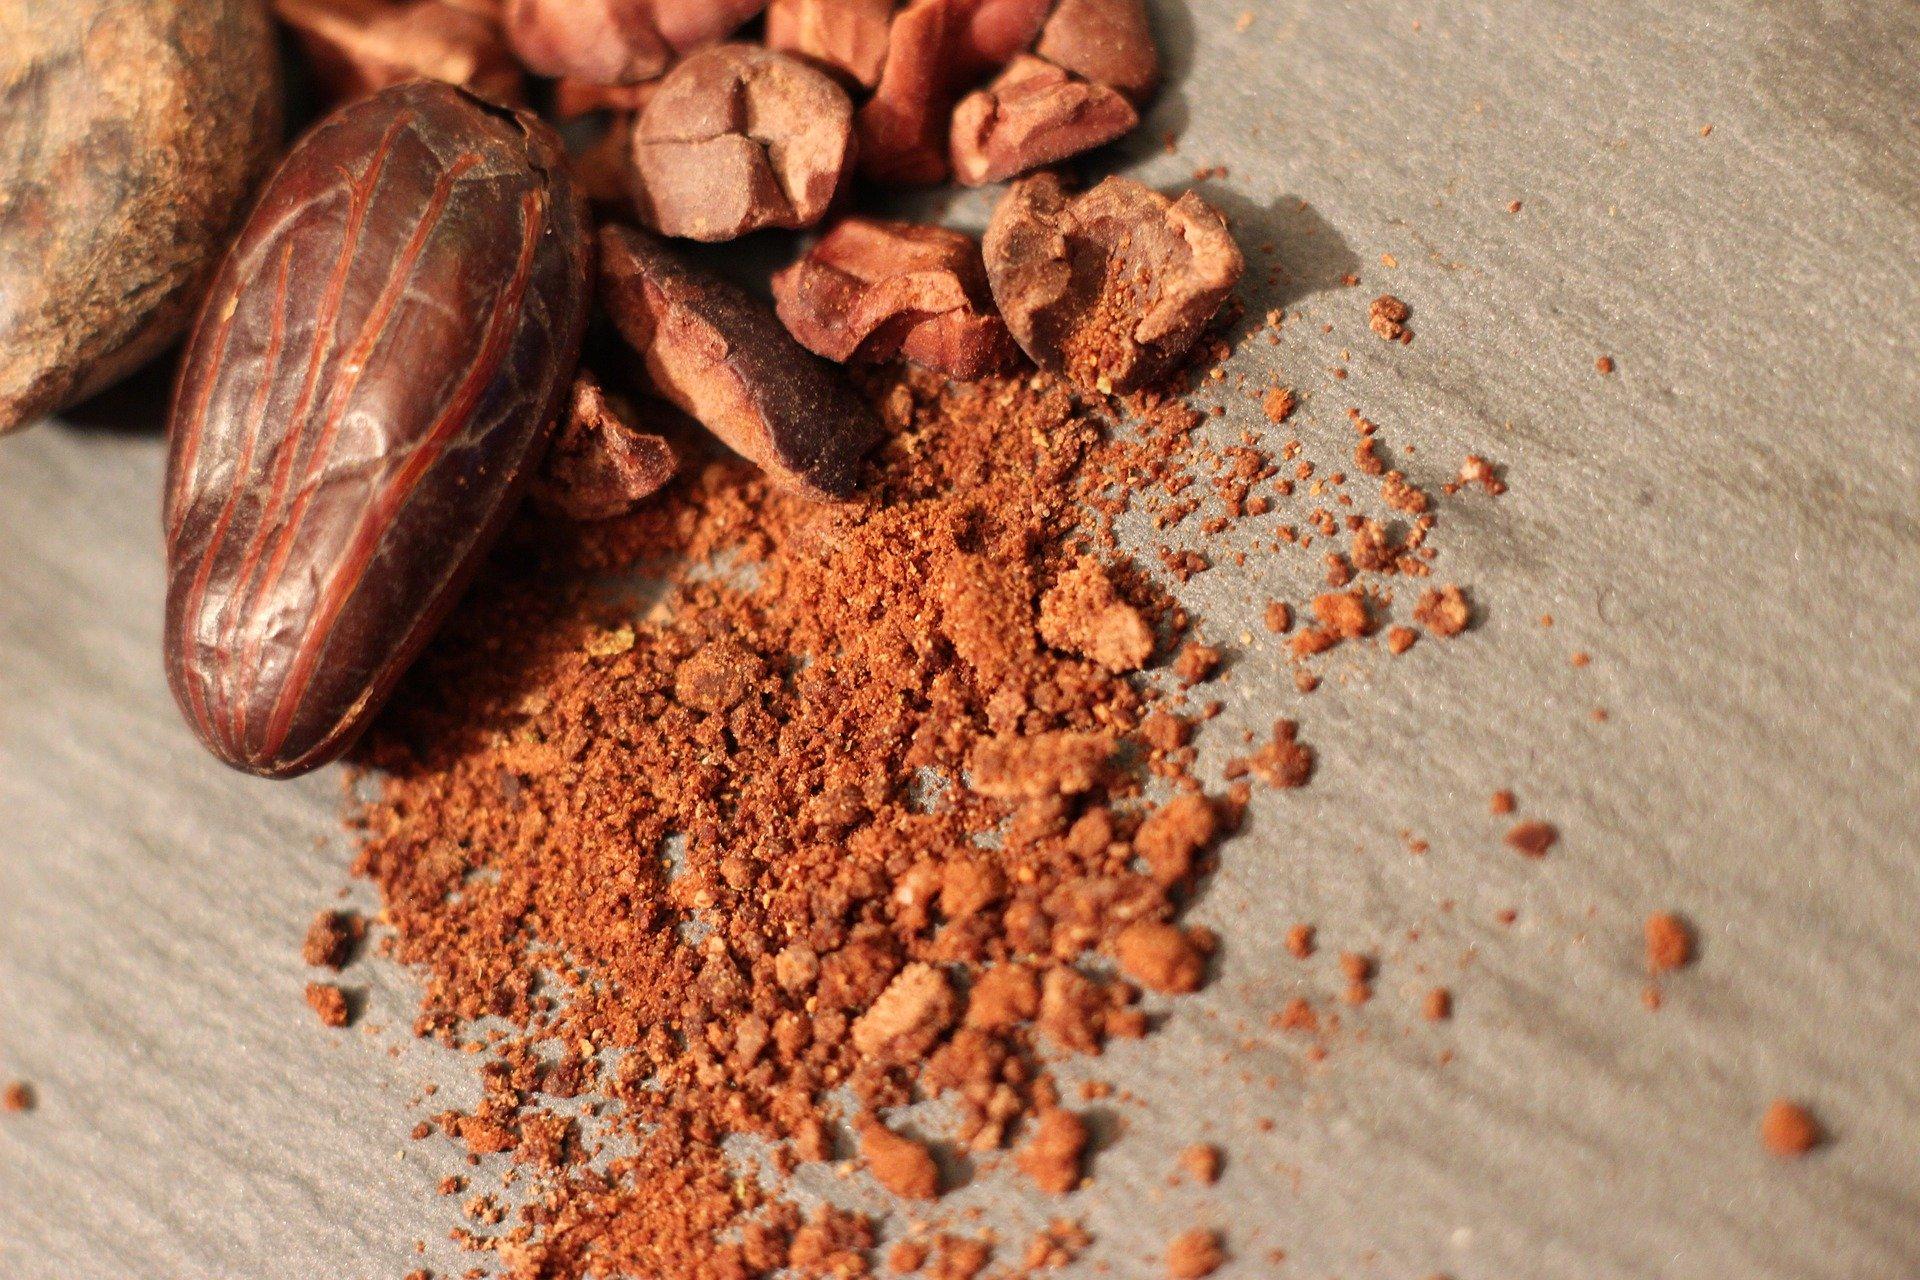 Cocoa and Cocoa Powder